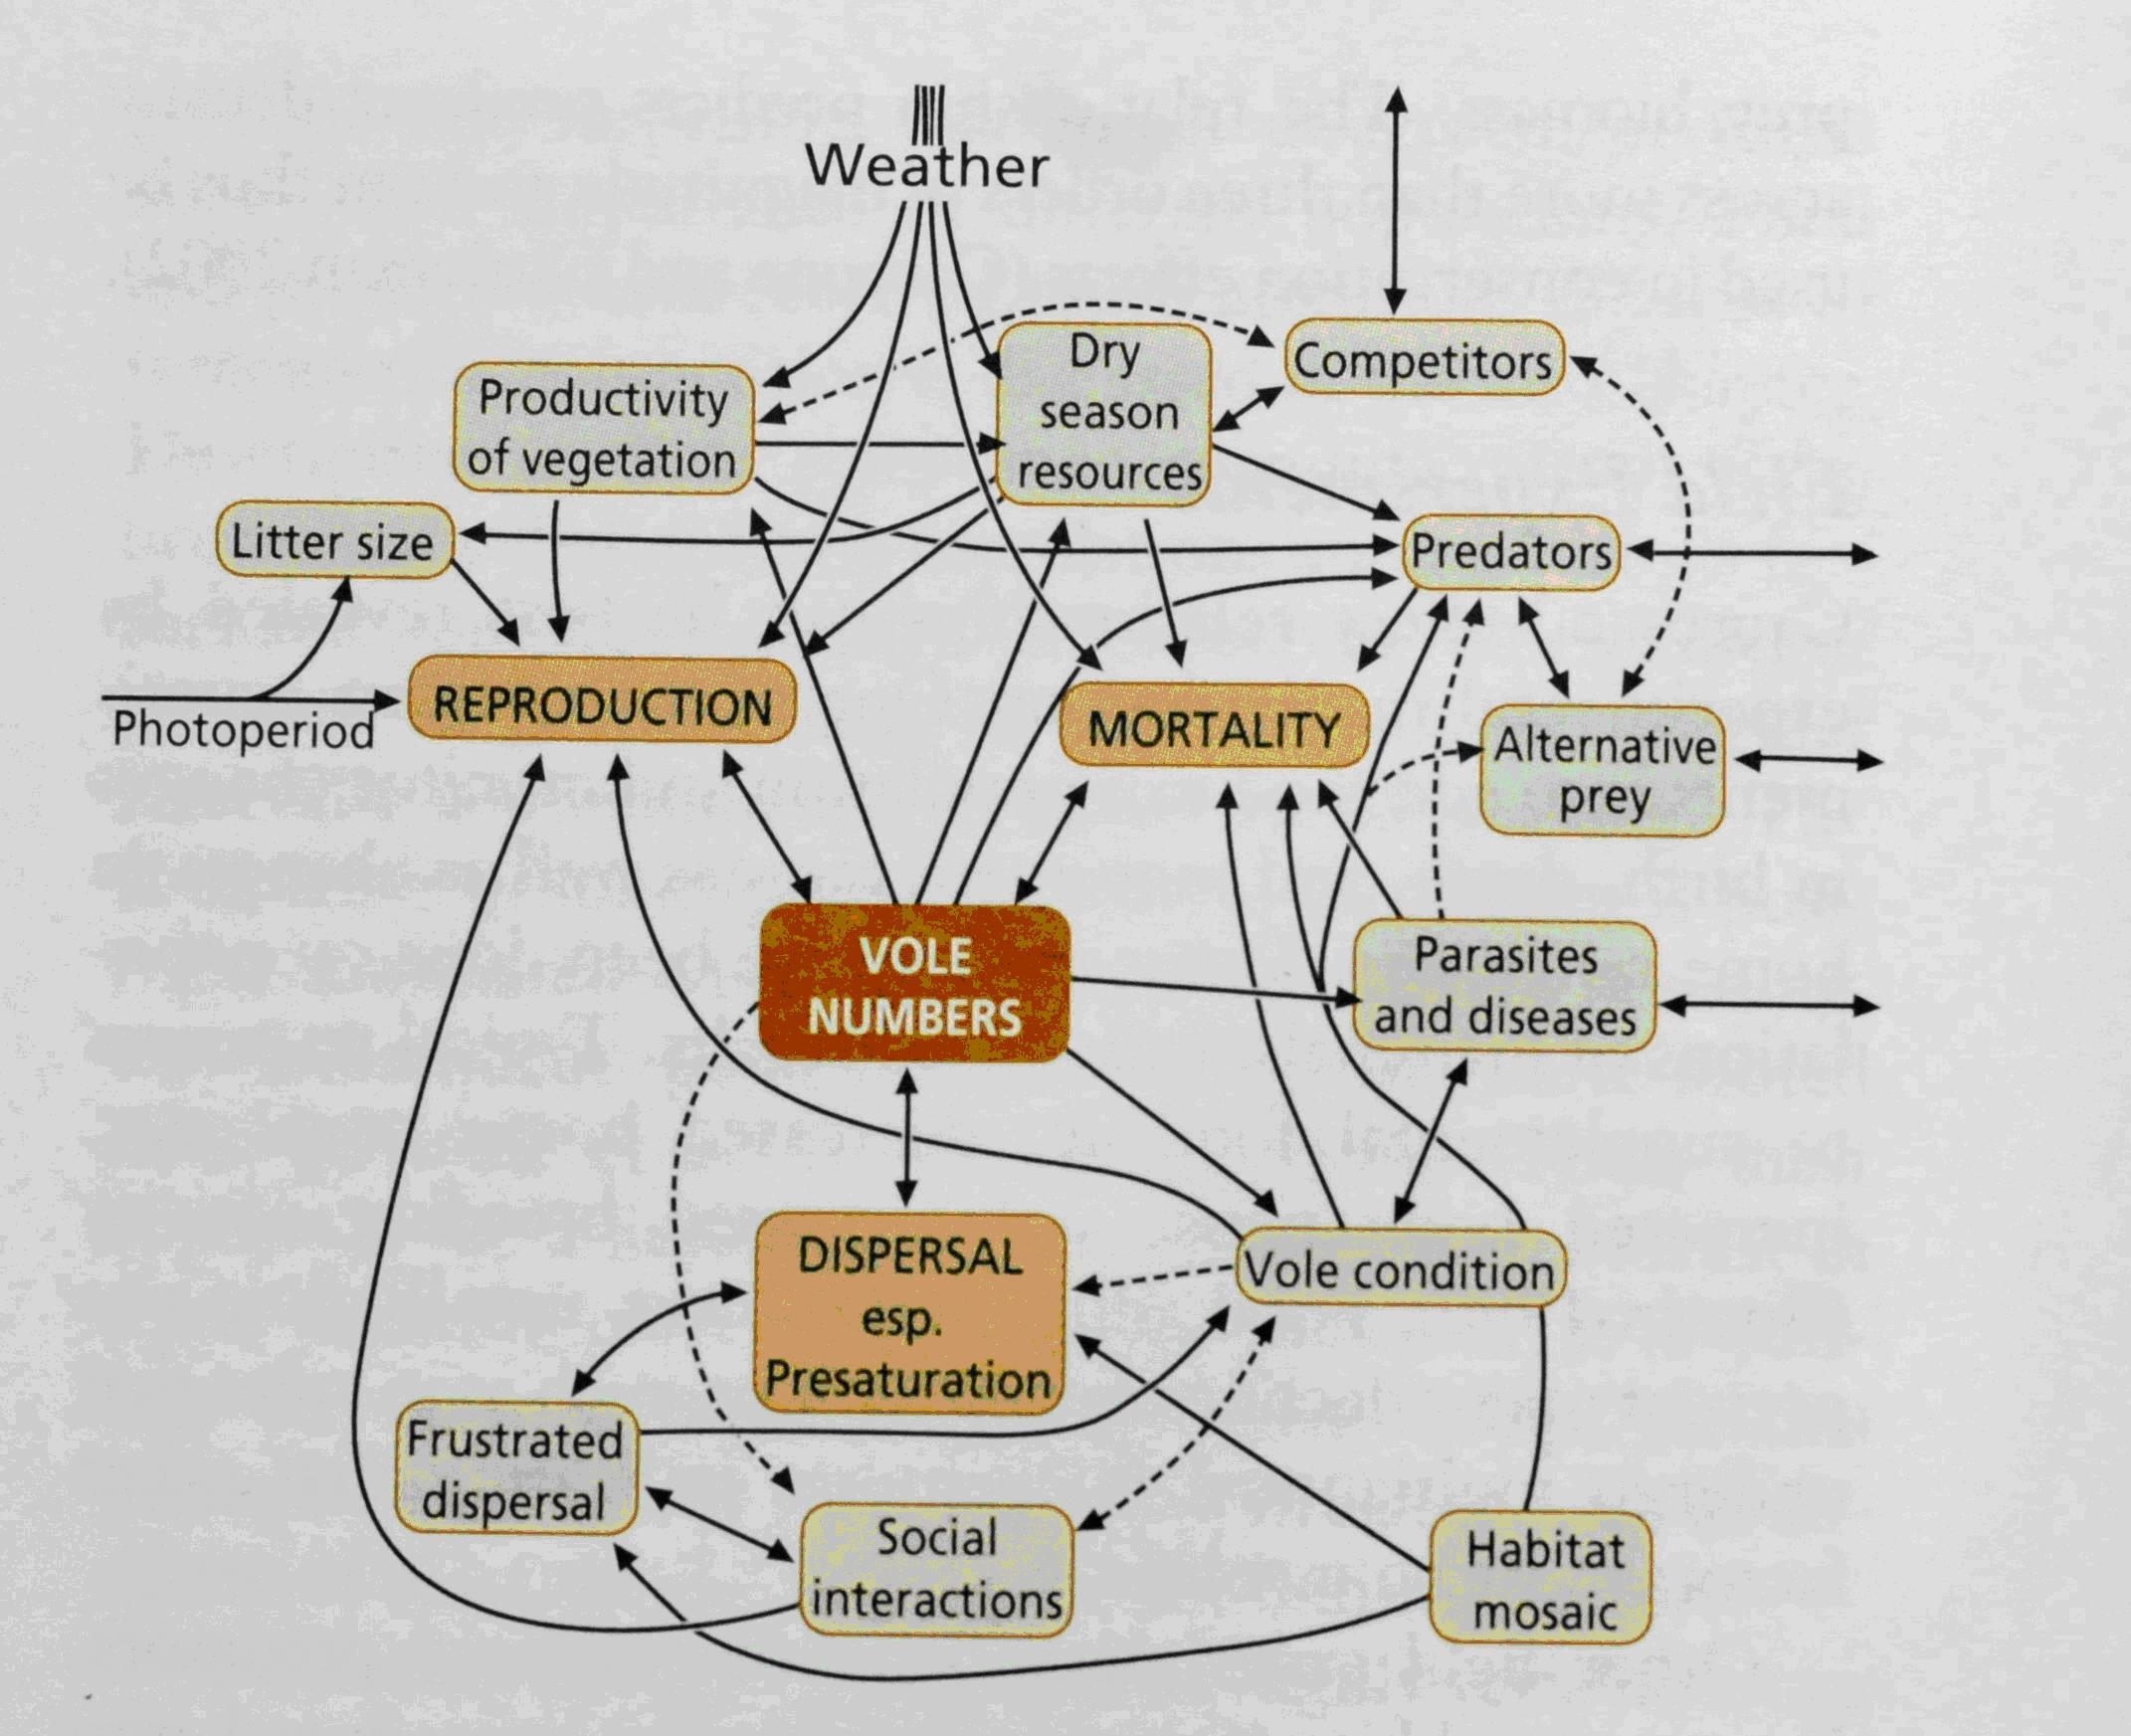 旅鼠之谜结构图解